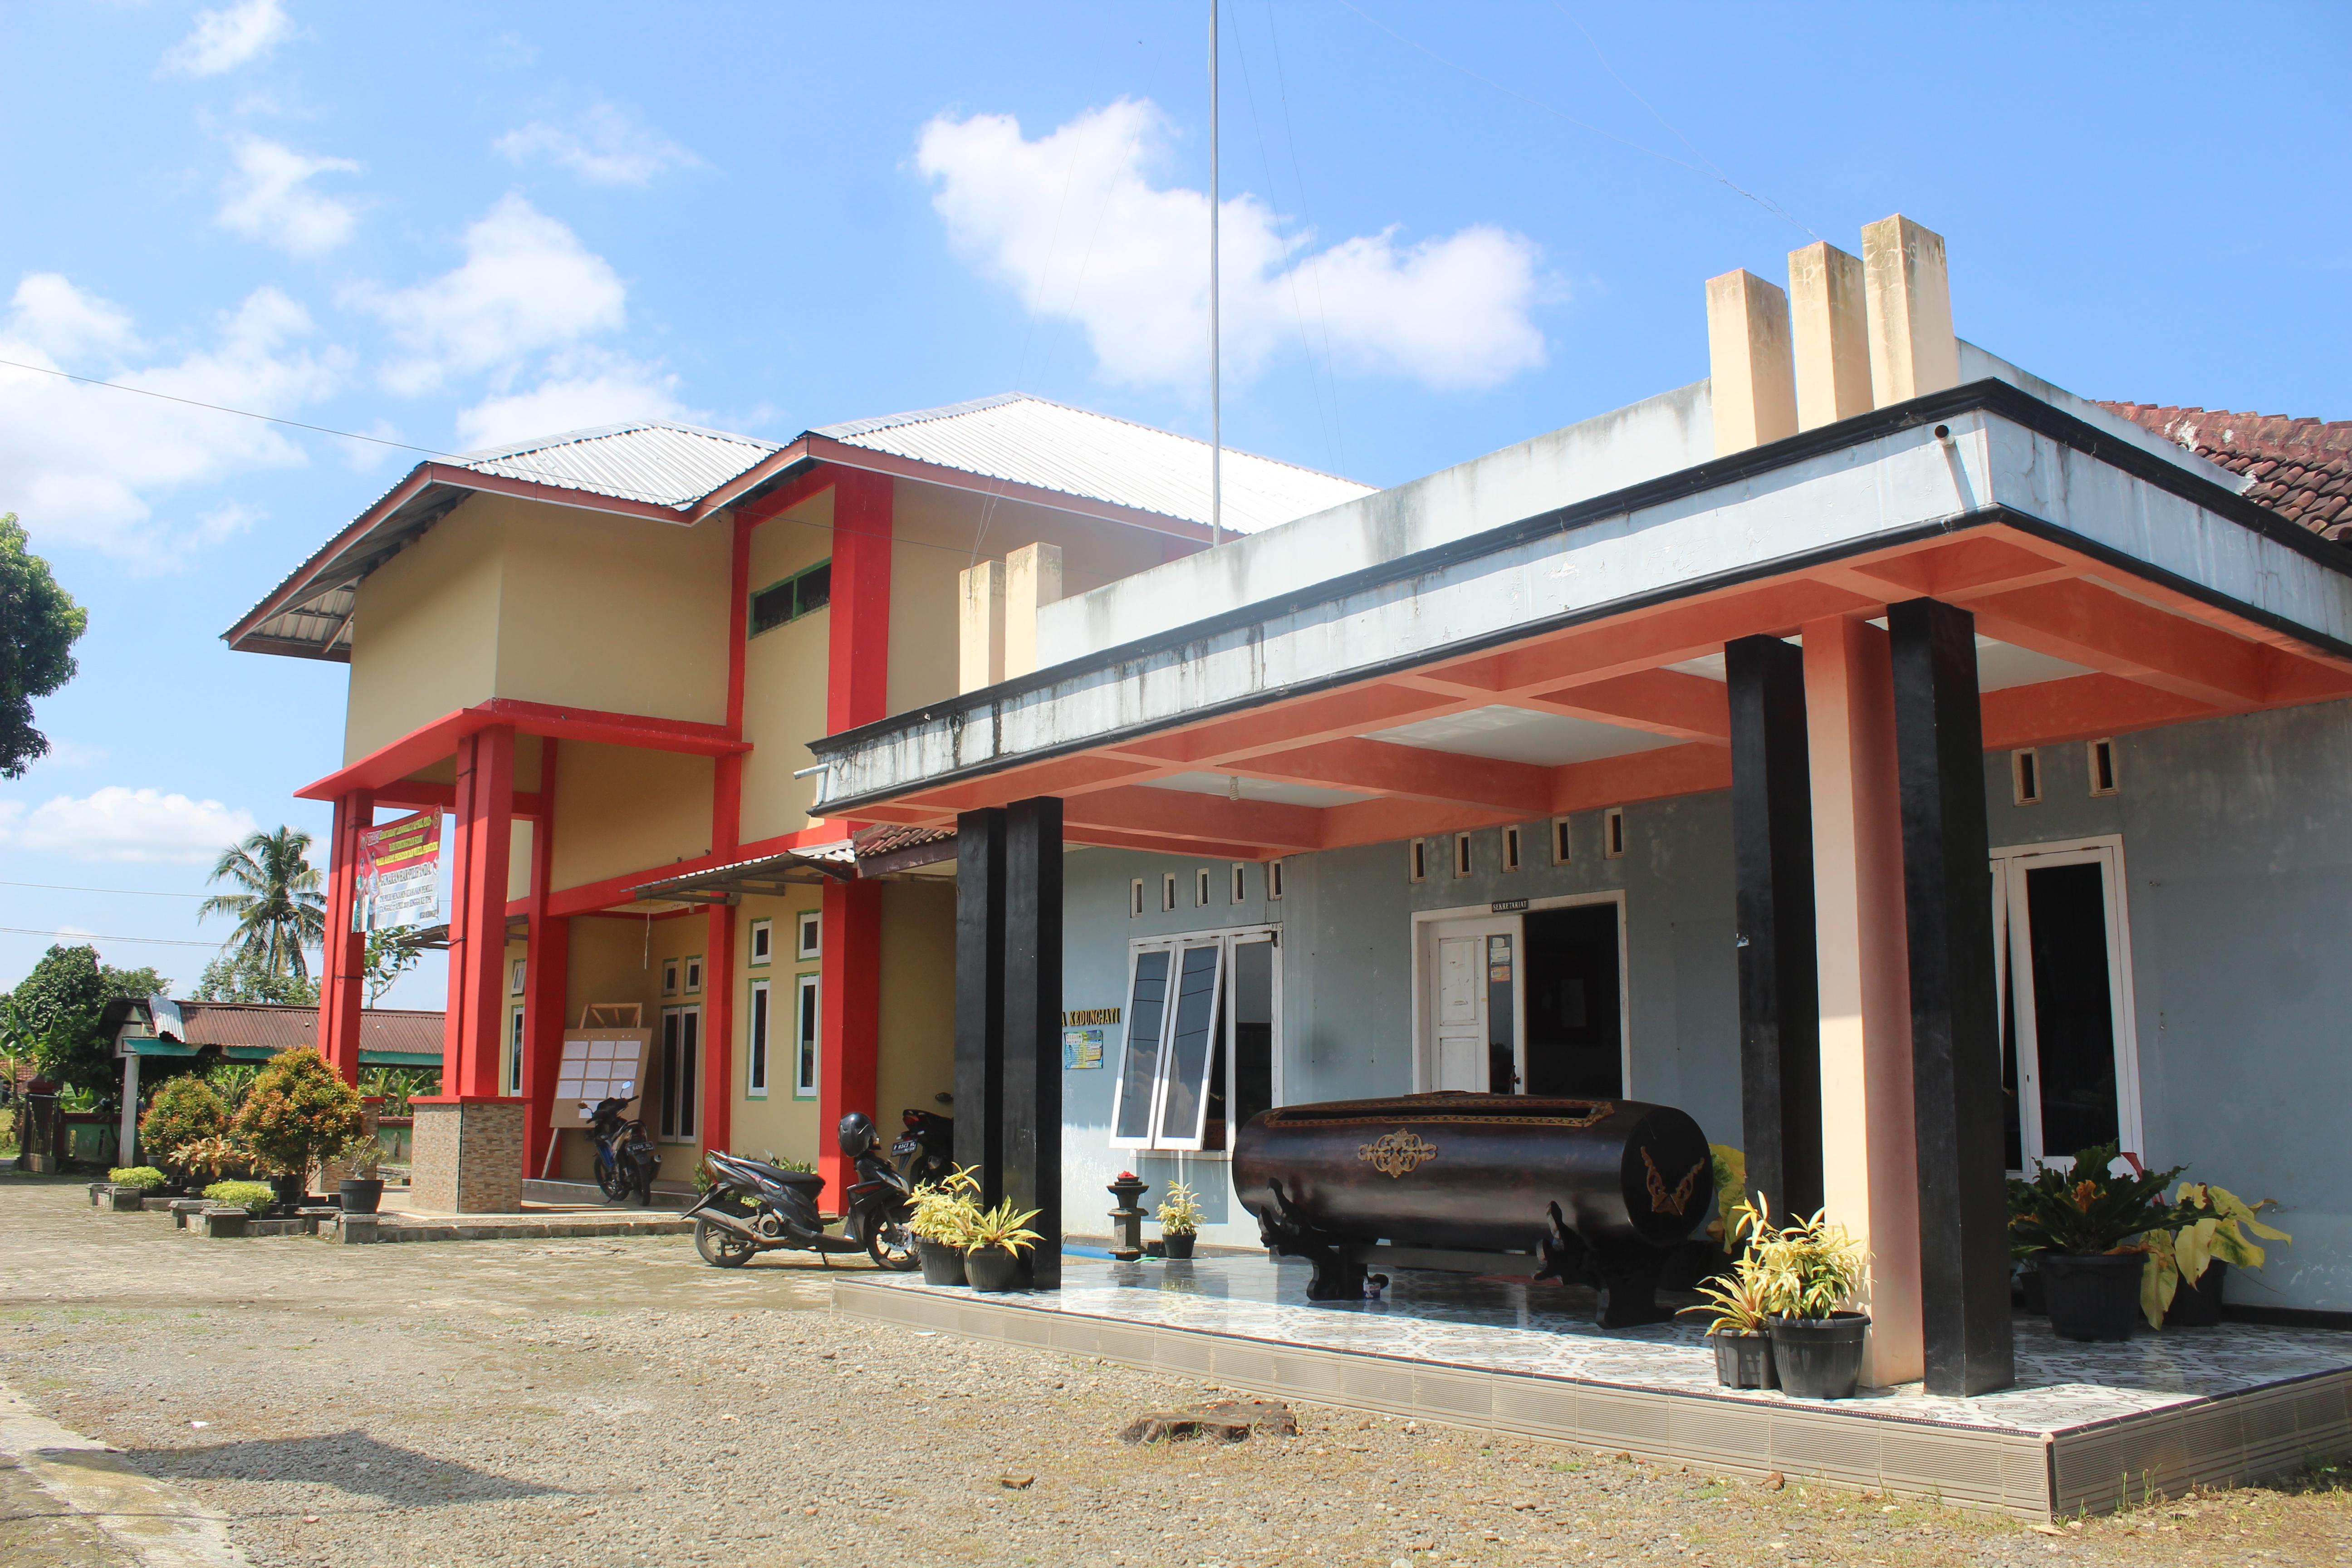 Kantor balai desa